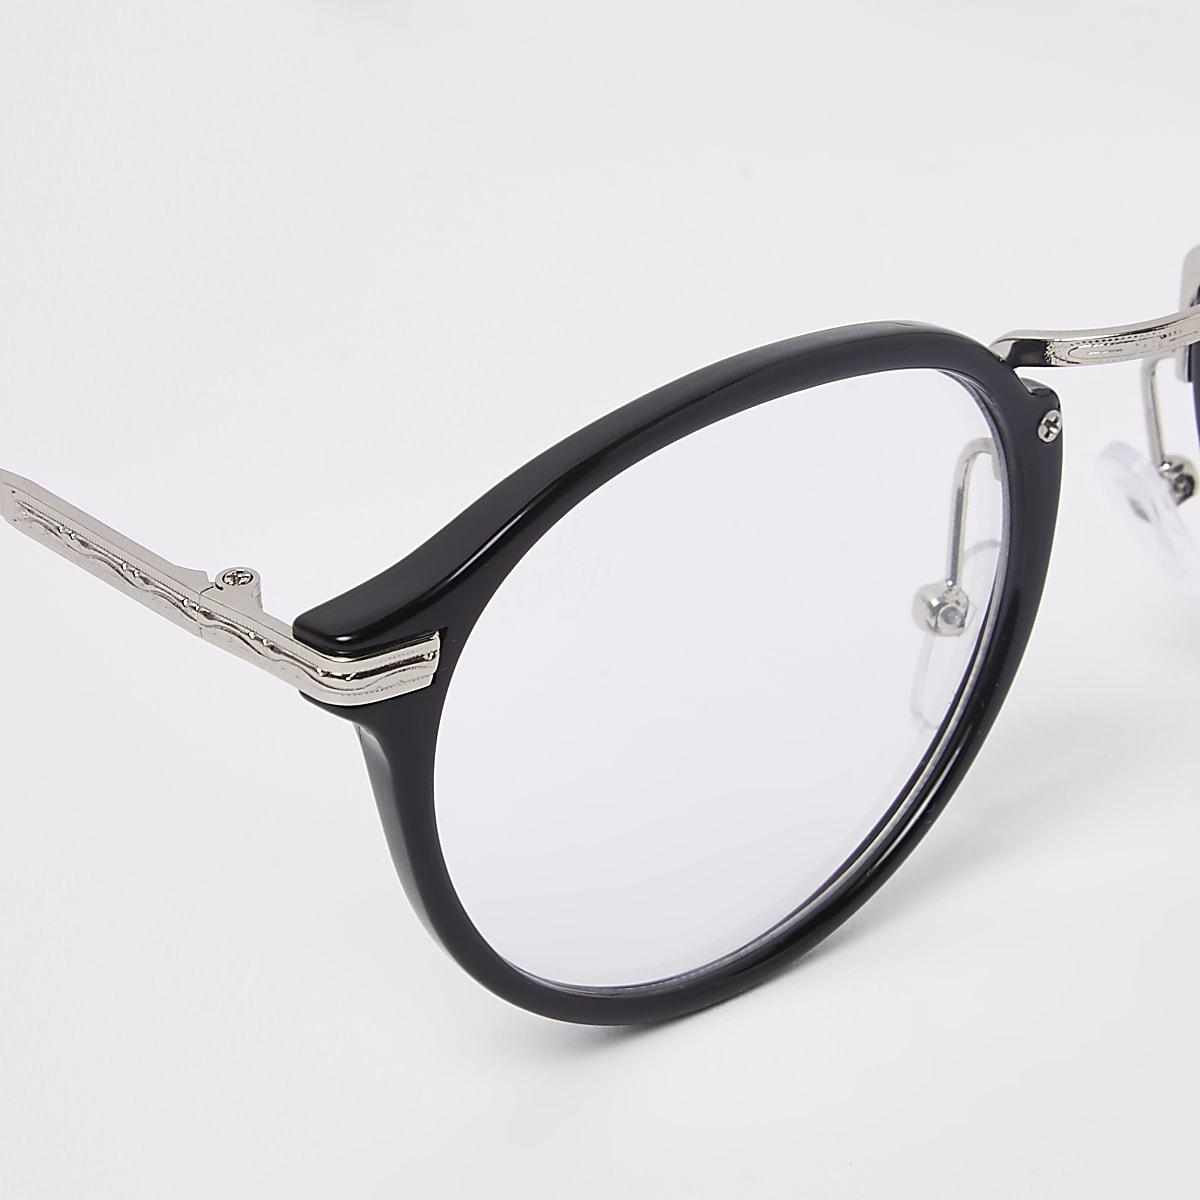 273263d1231872 Jeepers Peepers - Zwarte bril met heldere glazen - Ronde ...